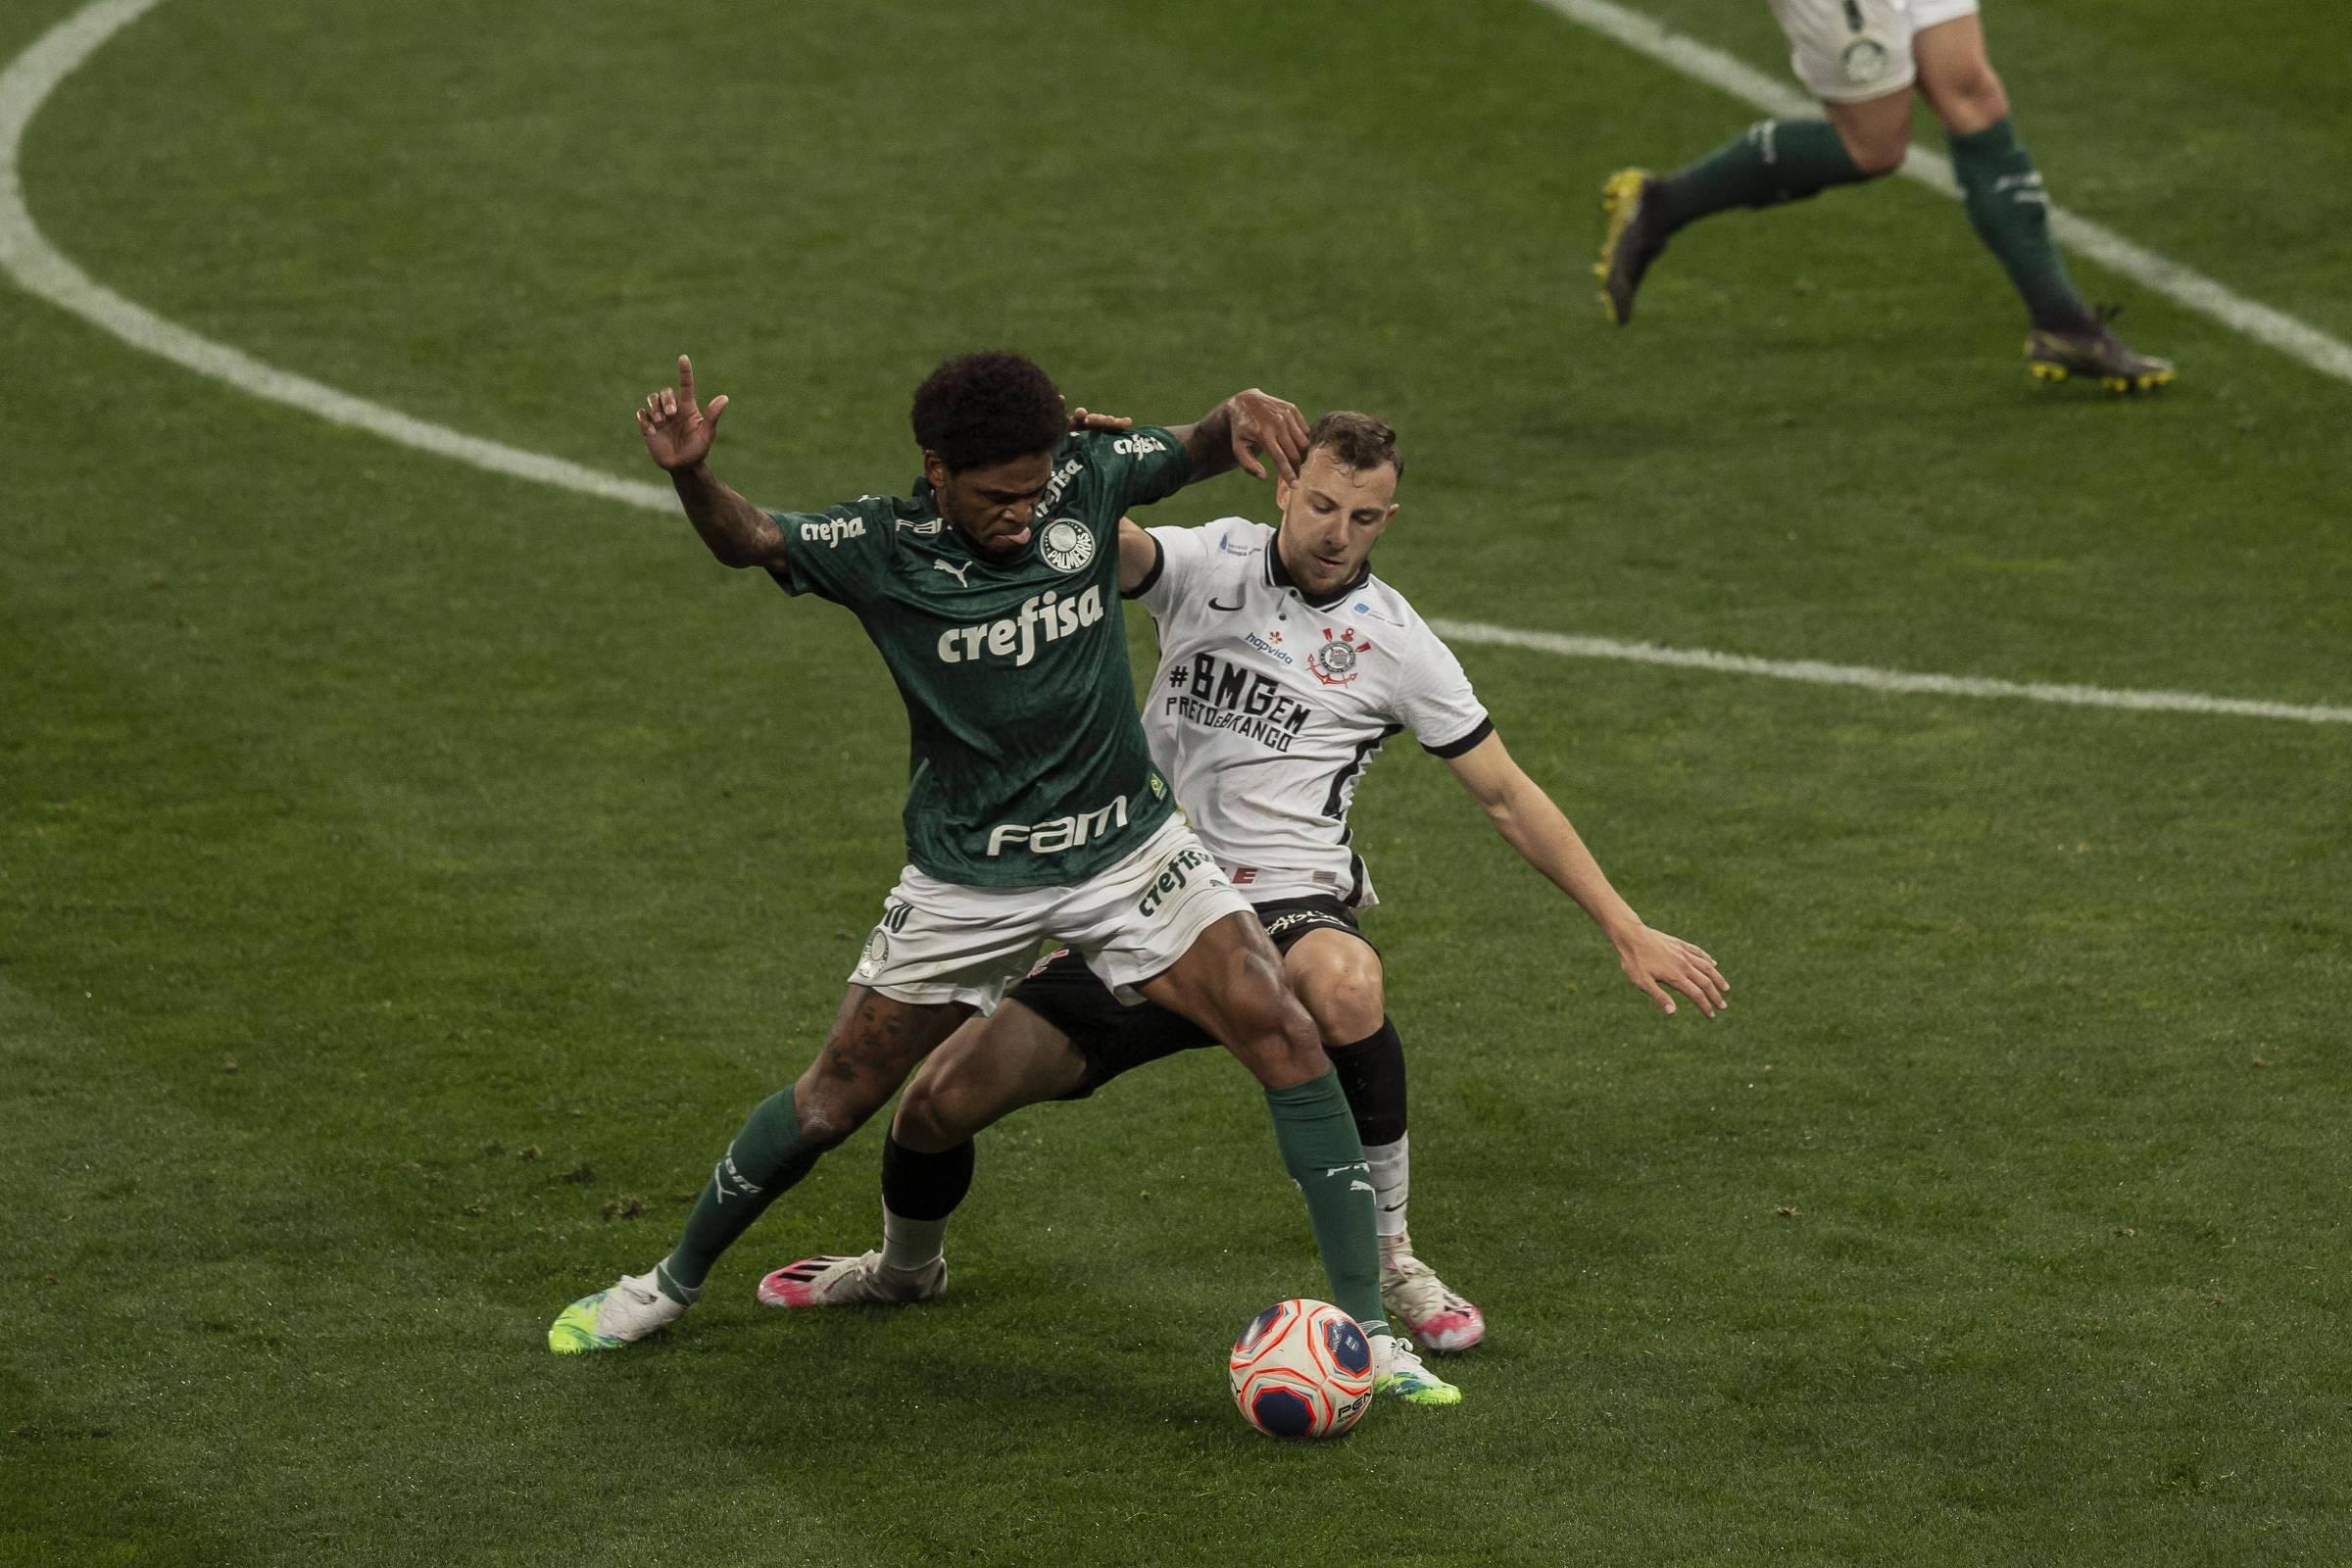 Em jogo truncado, Corinthians e Palmeiras começam decisão no zero